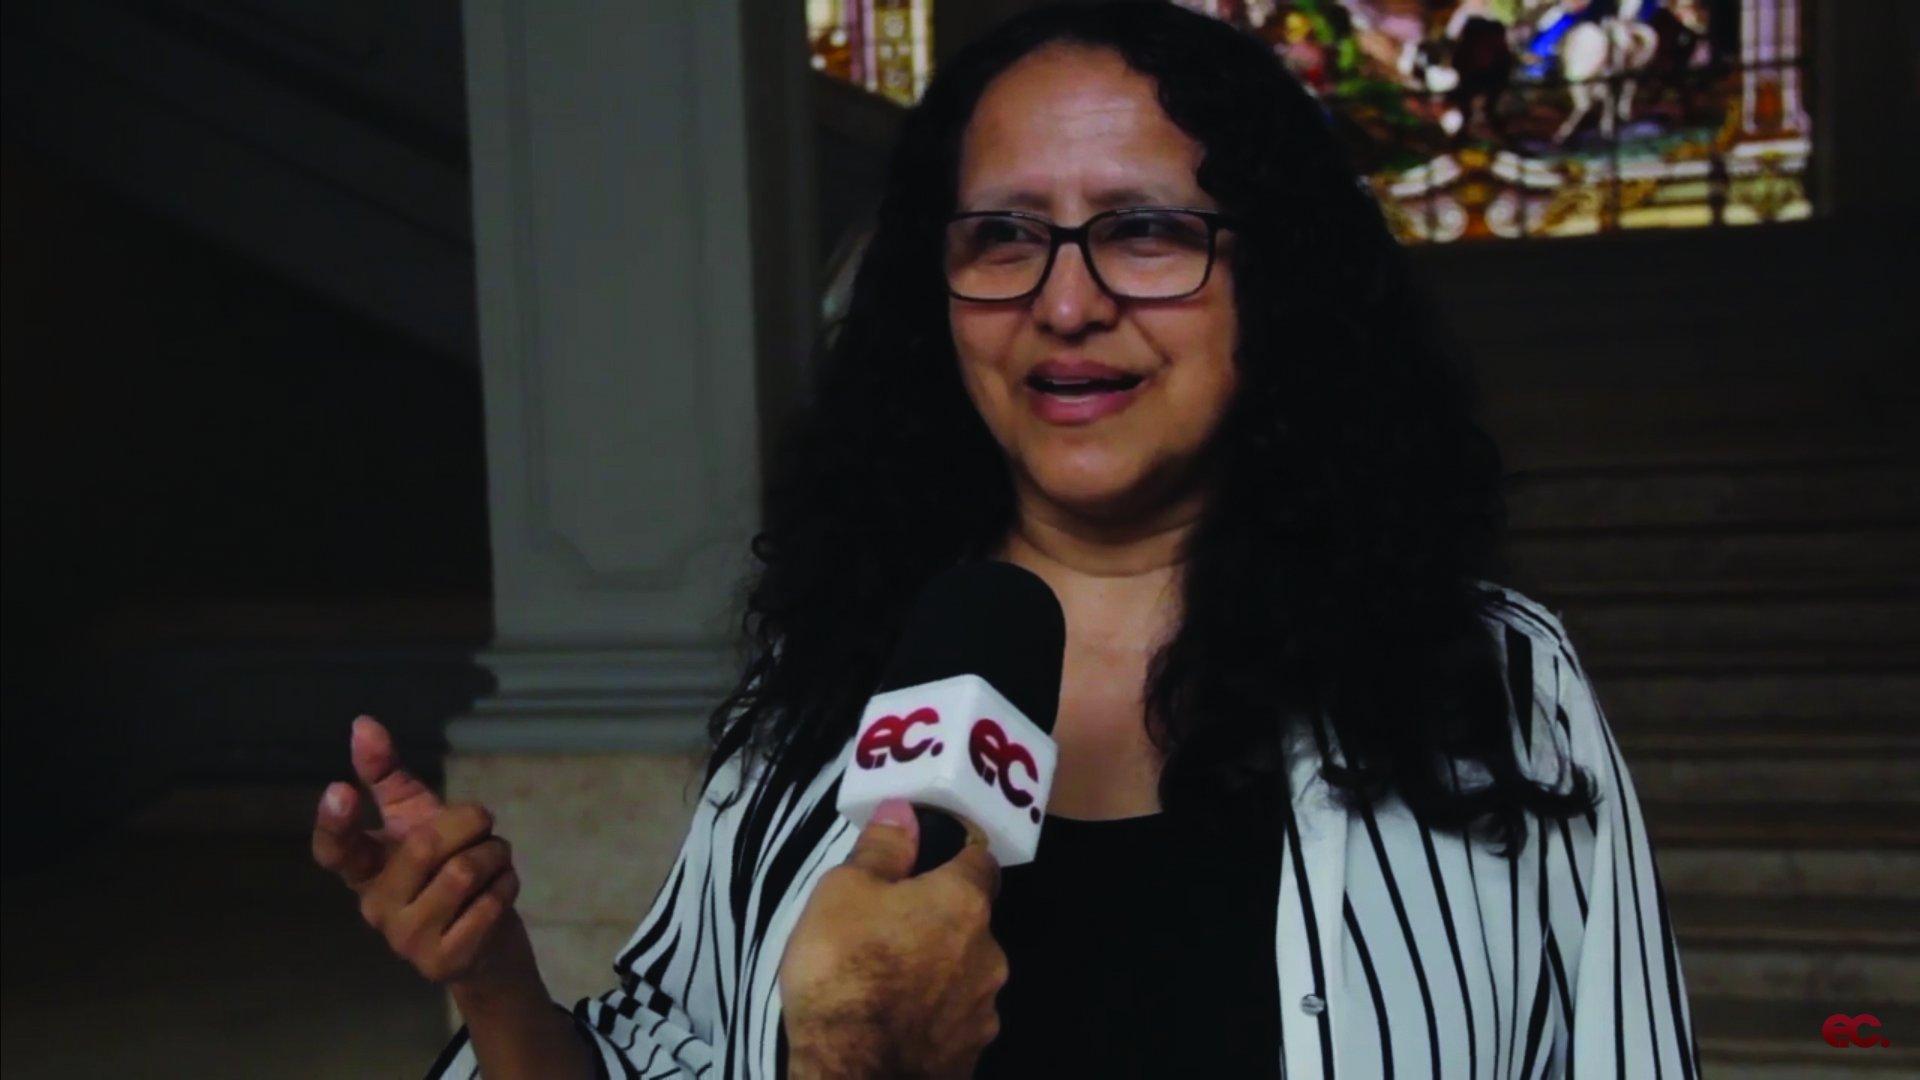 Pastora metodista participa de evento na Faculdade de Direito da USP